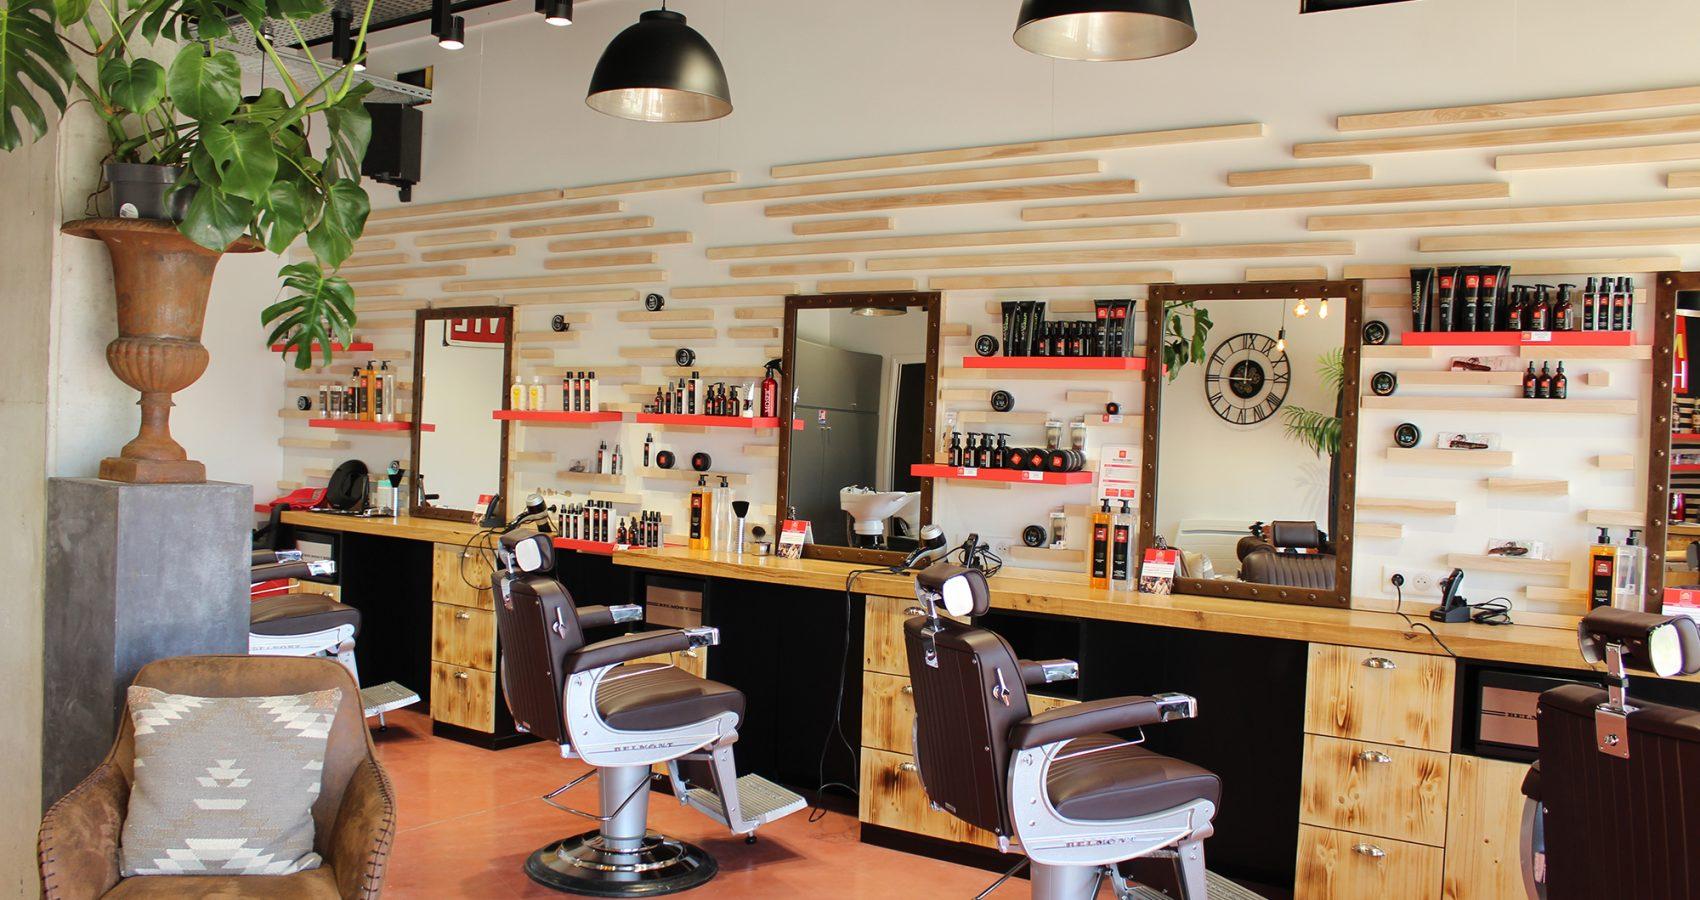 Maxime-homme-page-accueil-barbier-coiffeur-ambroise12